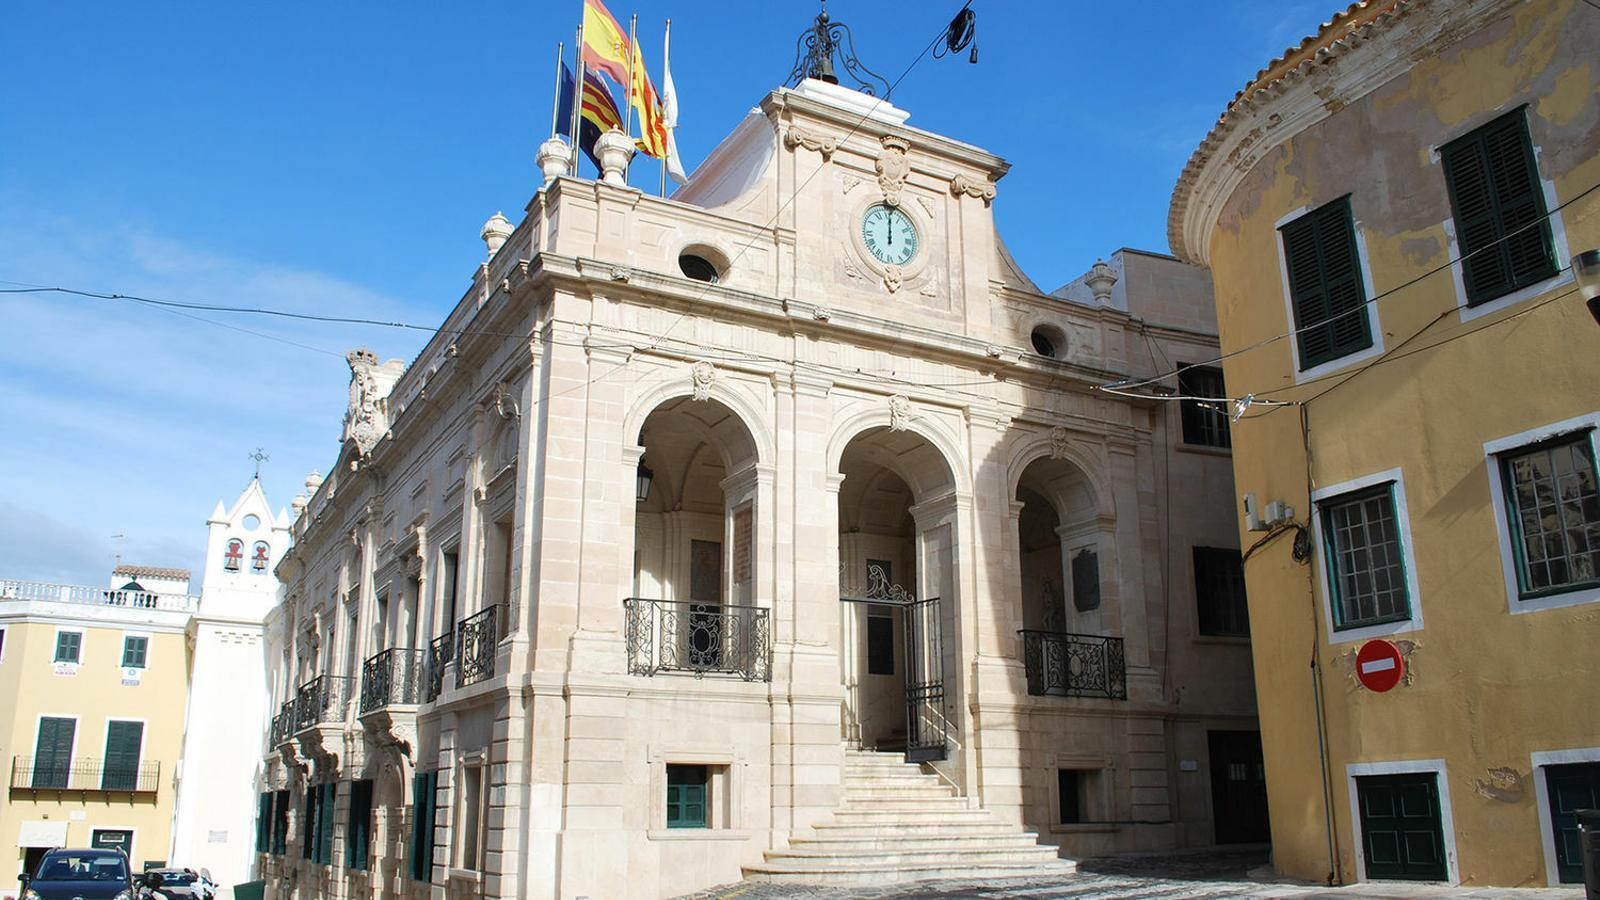 L'Ajuntament de Maó va demanar un informe a la Comissió perquè l'òrgan decidís el futur de les restes franquistes que hi ha en el municipi.